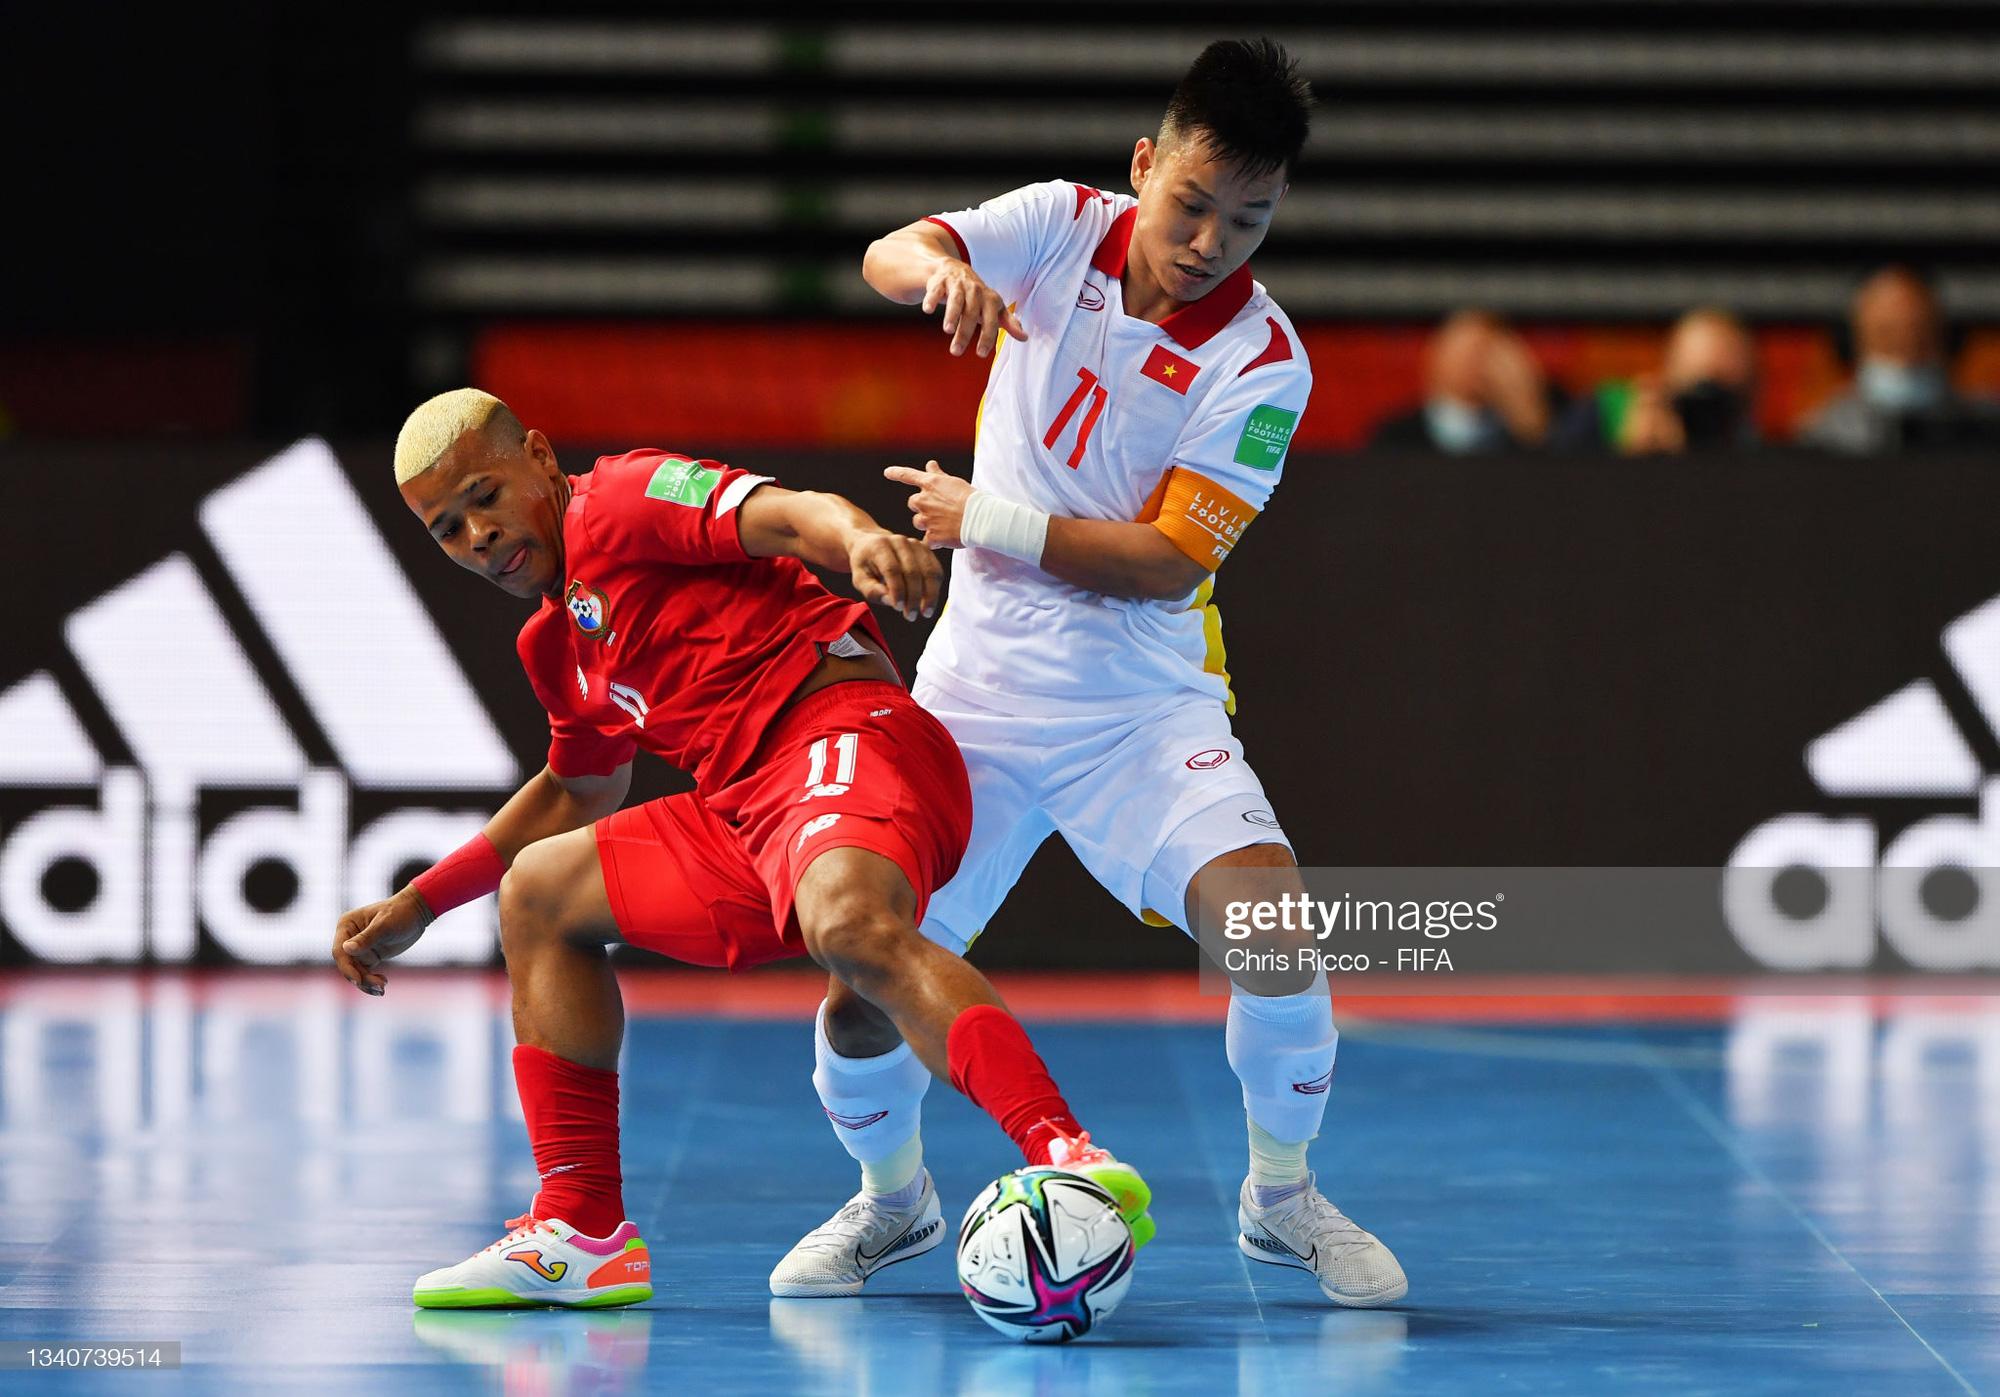 Vào đến vòng 16 đội World Cup 2021, các tuyển thủ futsal Việt Nam vẫn chỉ có lượt theo dõi khiêm tốn trên mạng xã hội - Ảnh 6.